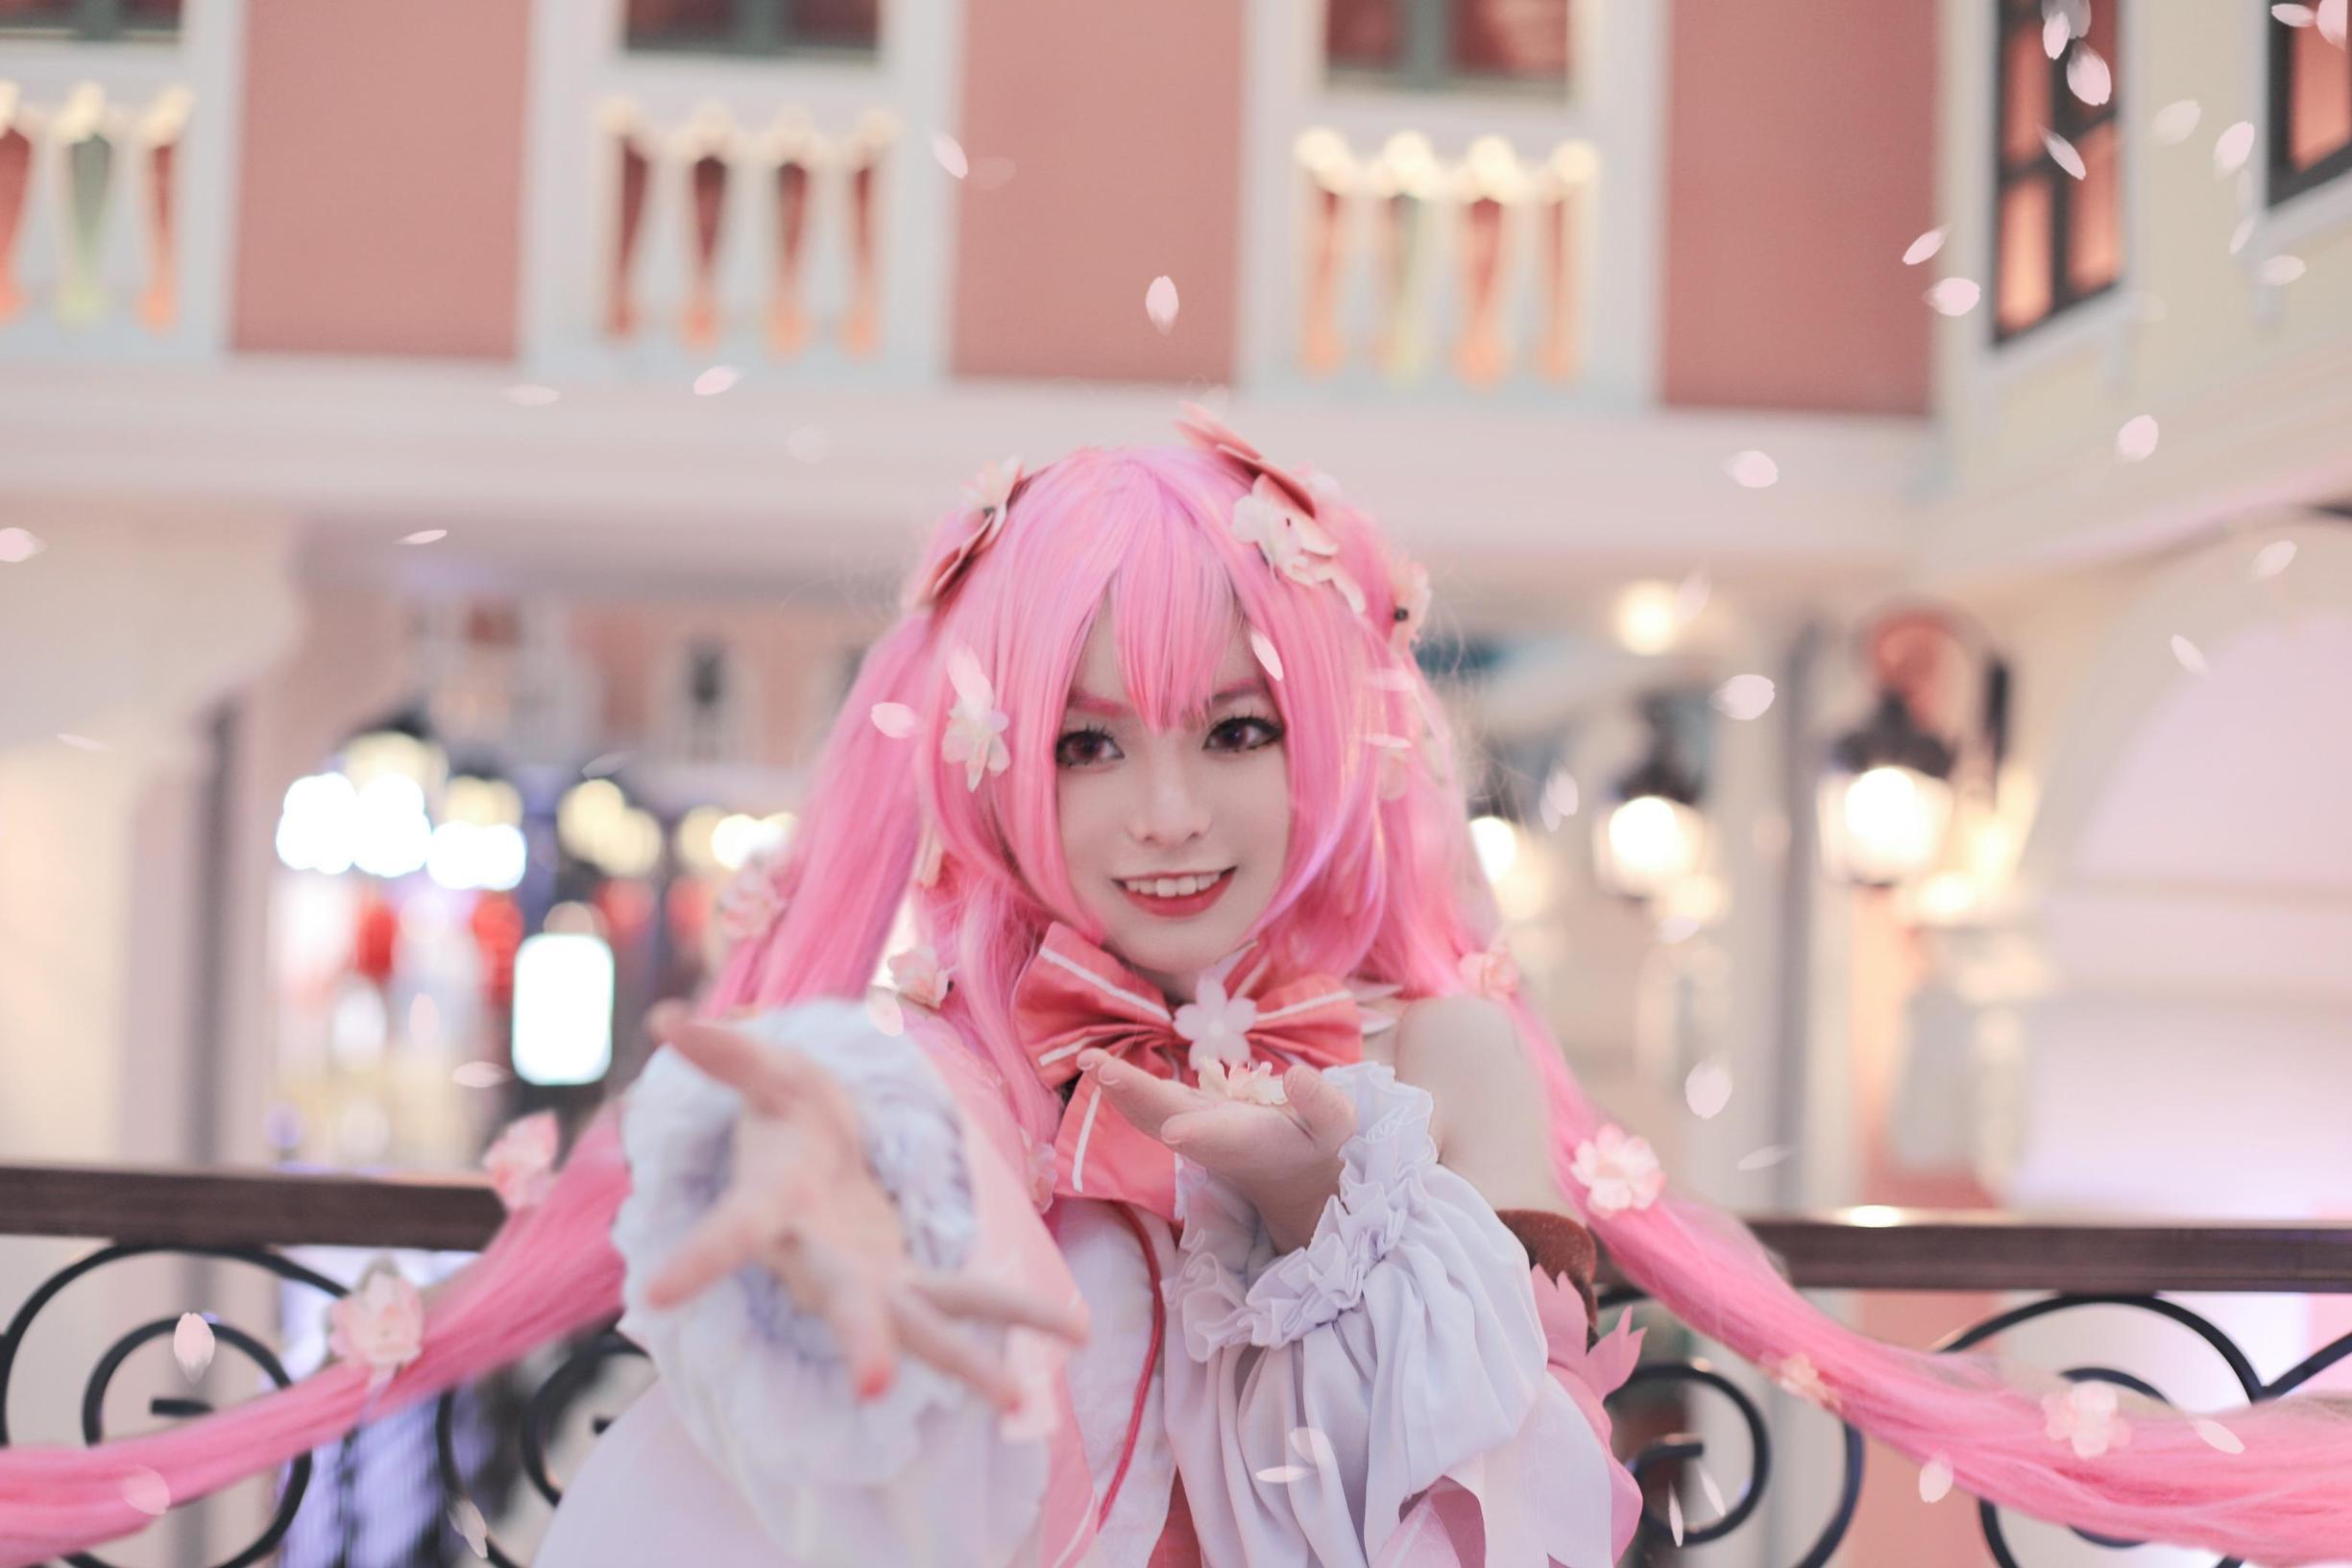 不敢cosplay【CN:阿普有毒且霸道】 -cosplay可爱图片插图